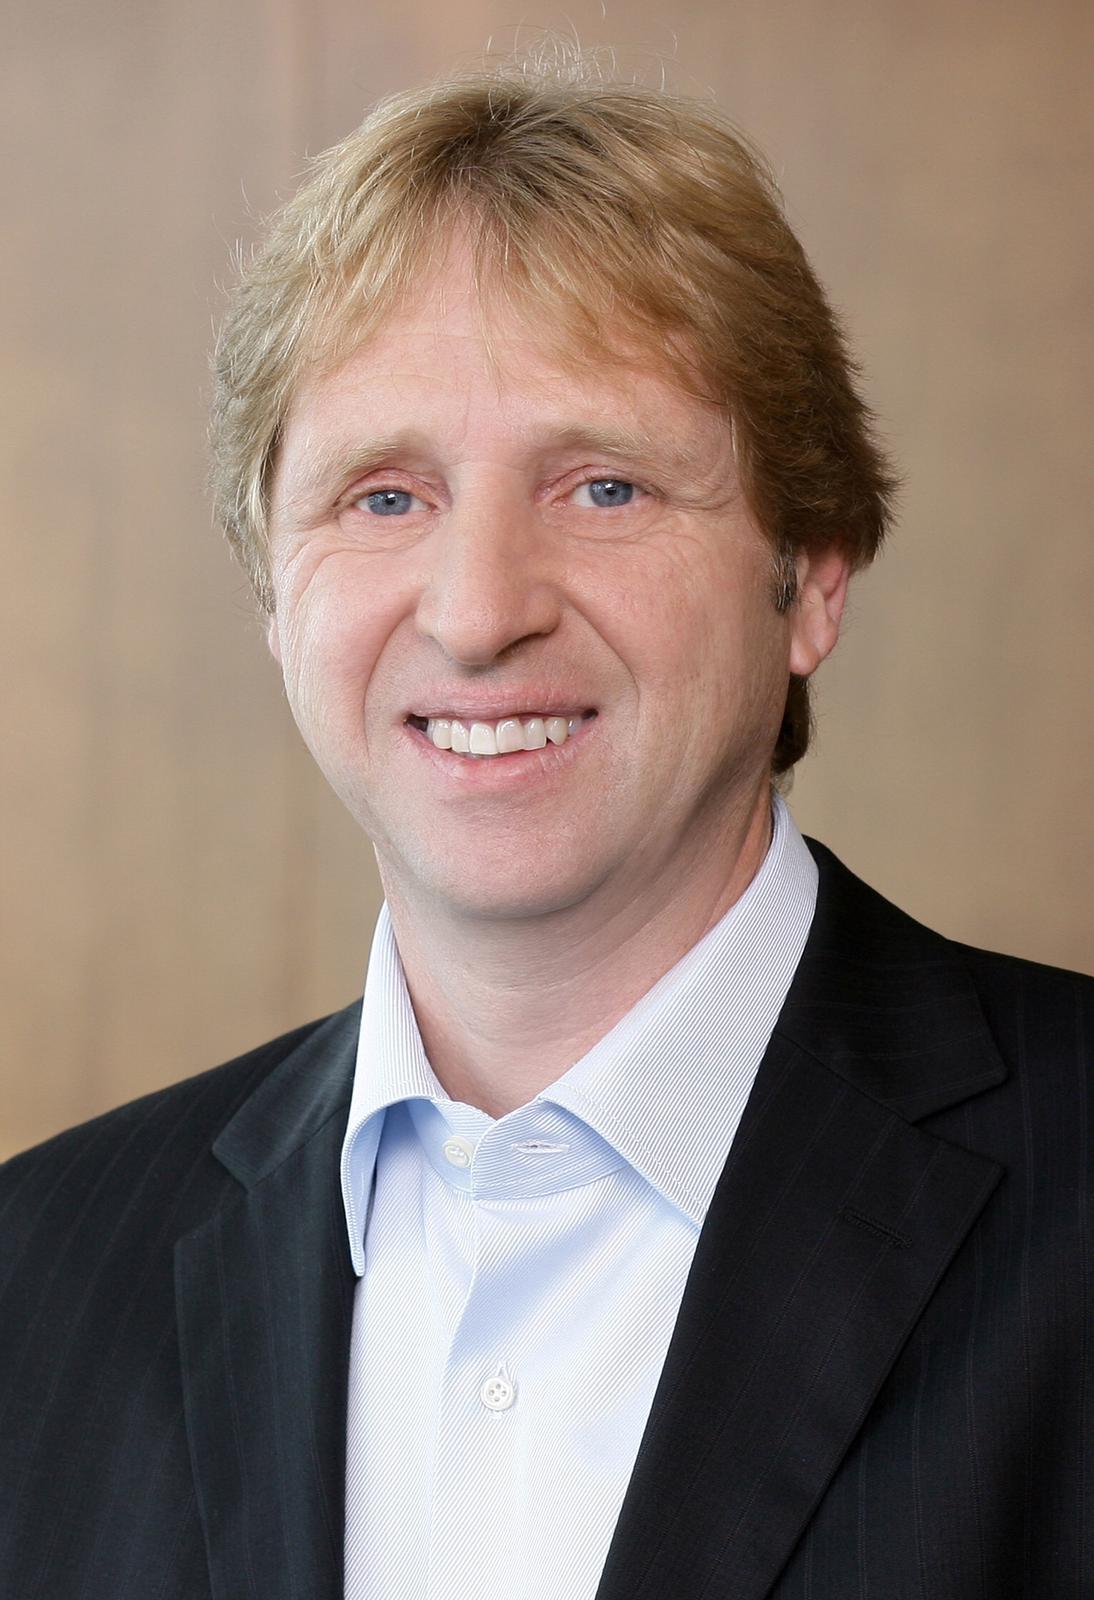 Burkhard Zechner